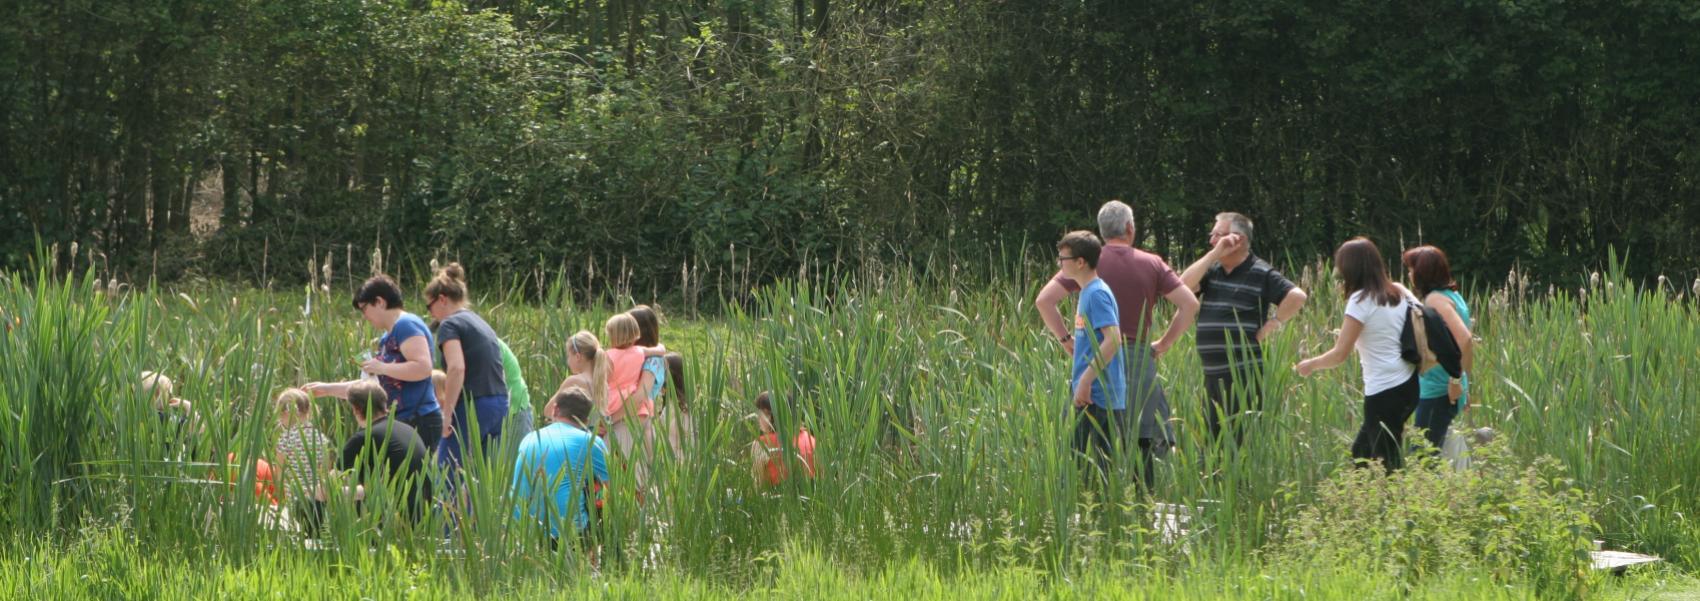 groep mensen in het landschap